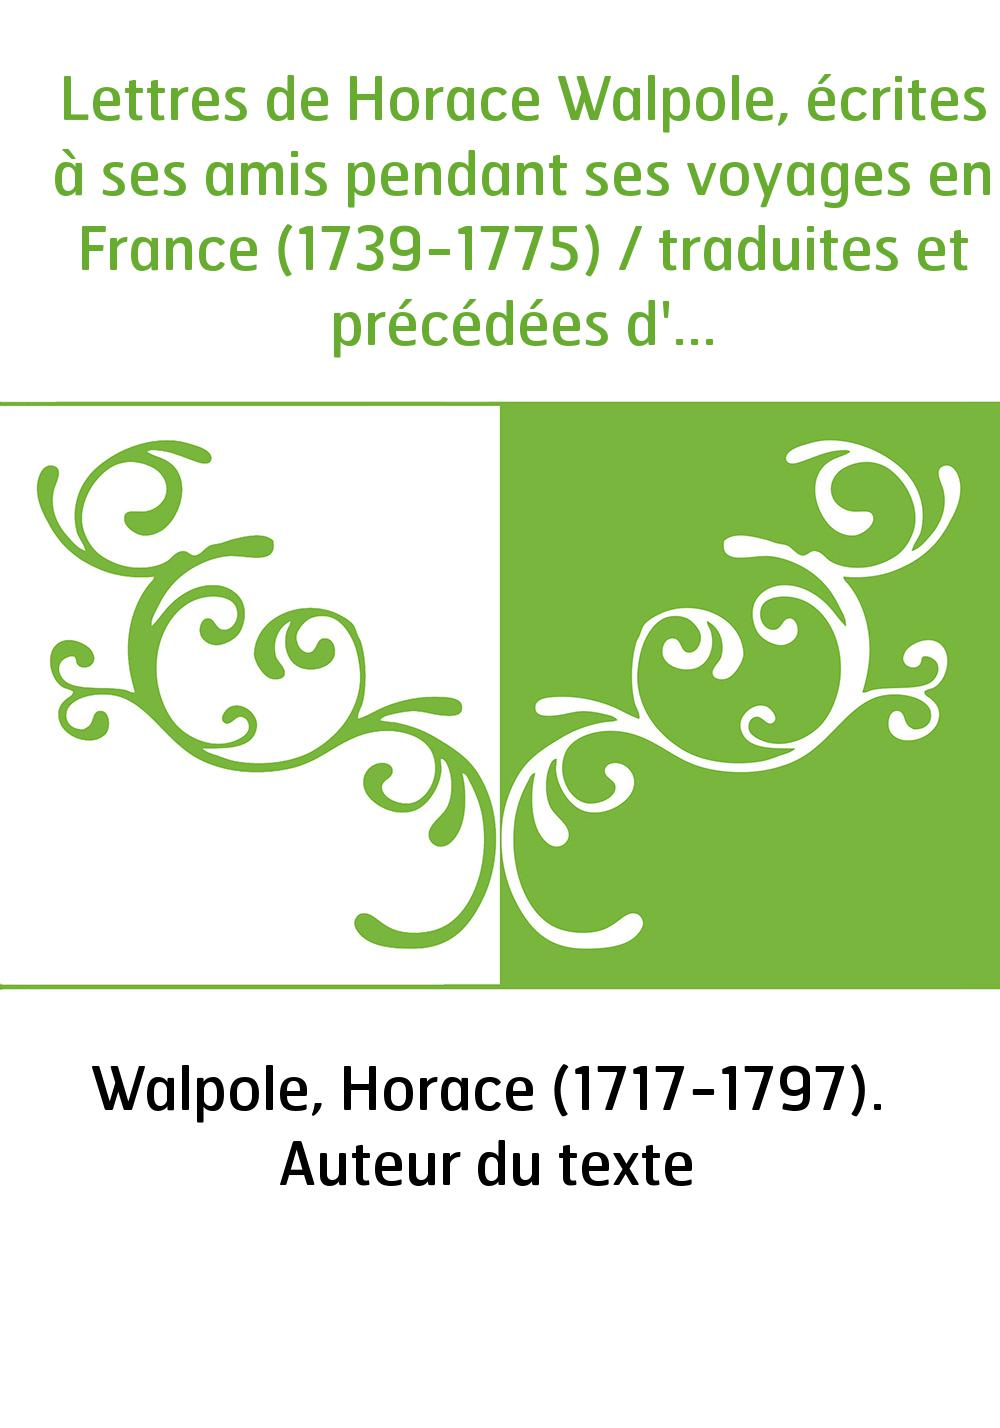 Lettres de Horace Walpole, écrites à ses amis pendant ses voyages en France (1739-1775) / traduites et précédées d'une introduct